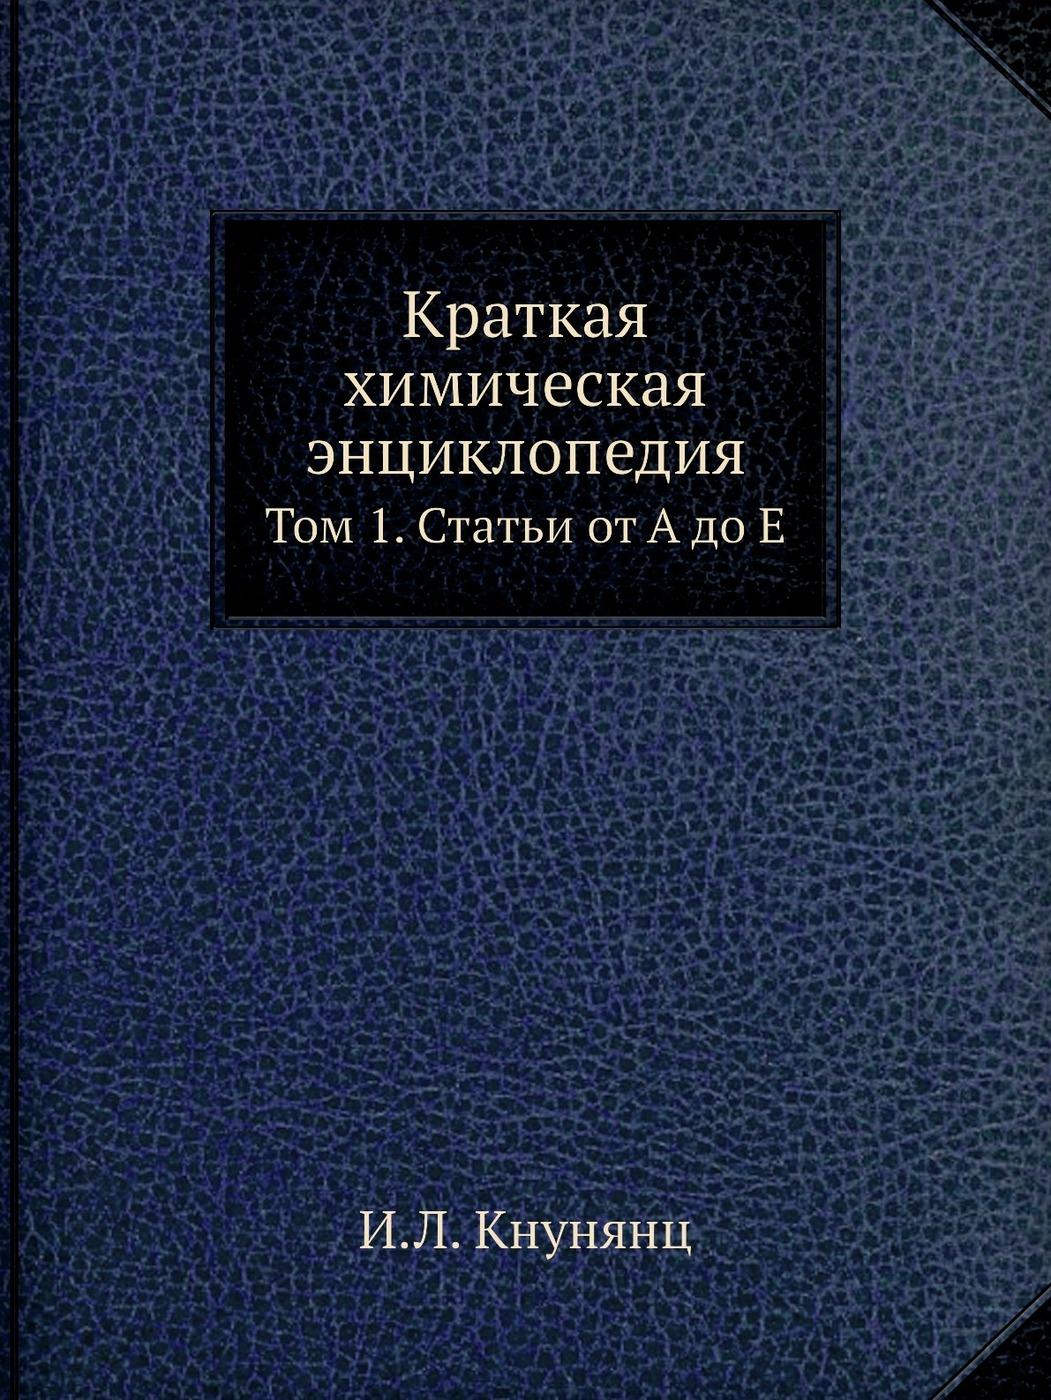 Краткая химическая энциклопедия. Том 1. Статьи от А до Е 9785458261326